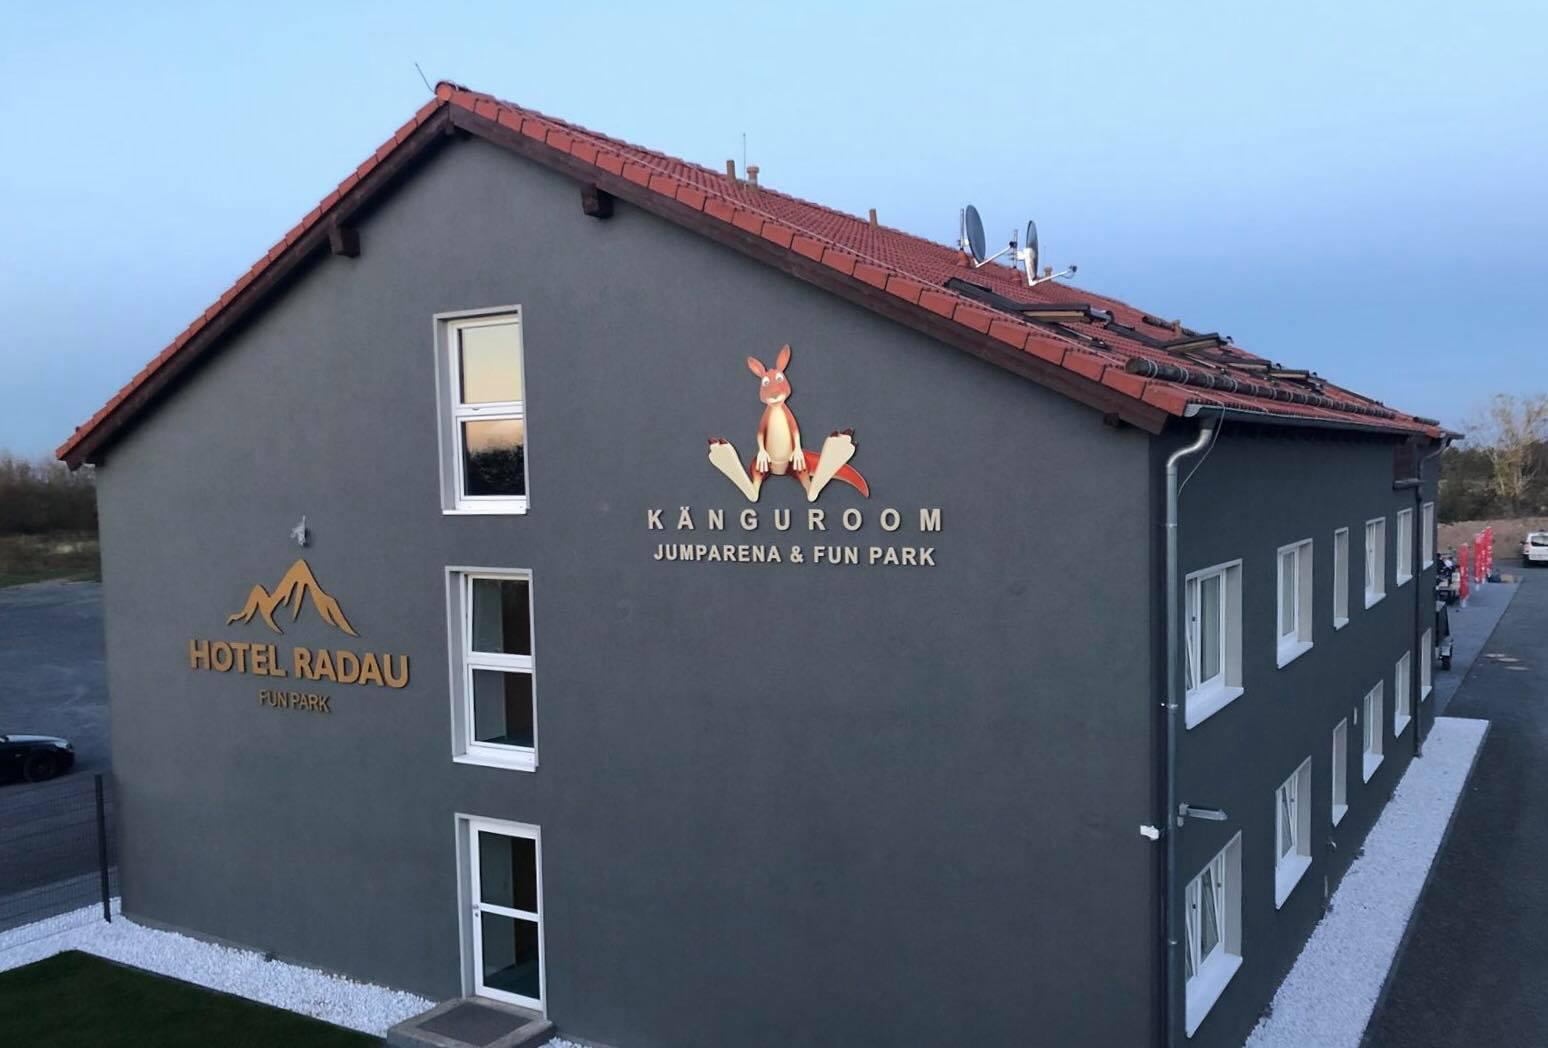 Hotel Radau